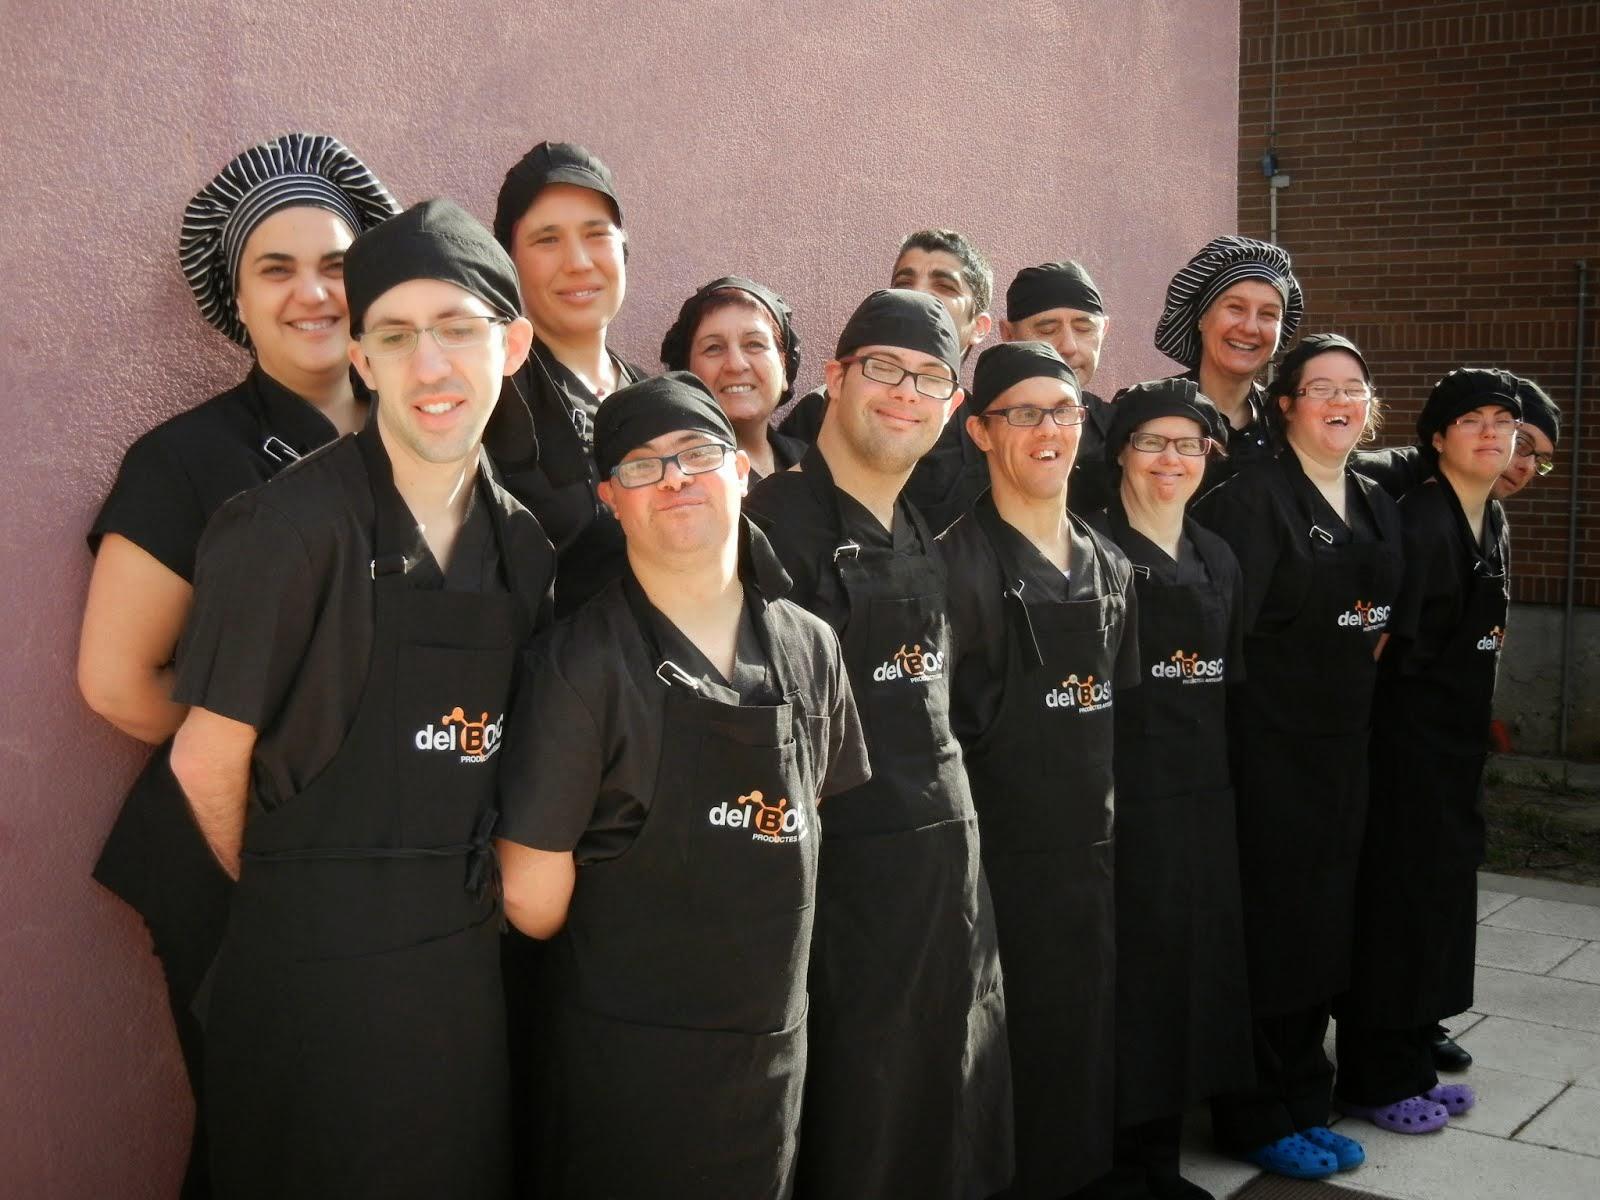 El nostre equip de pastisseria